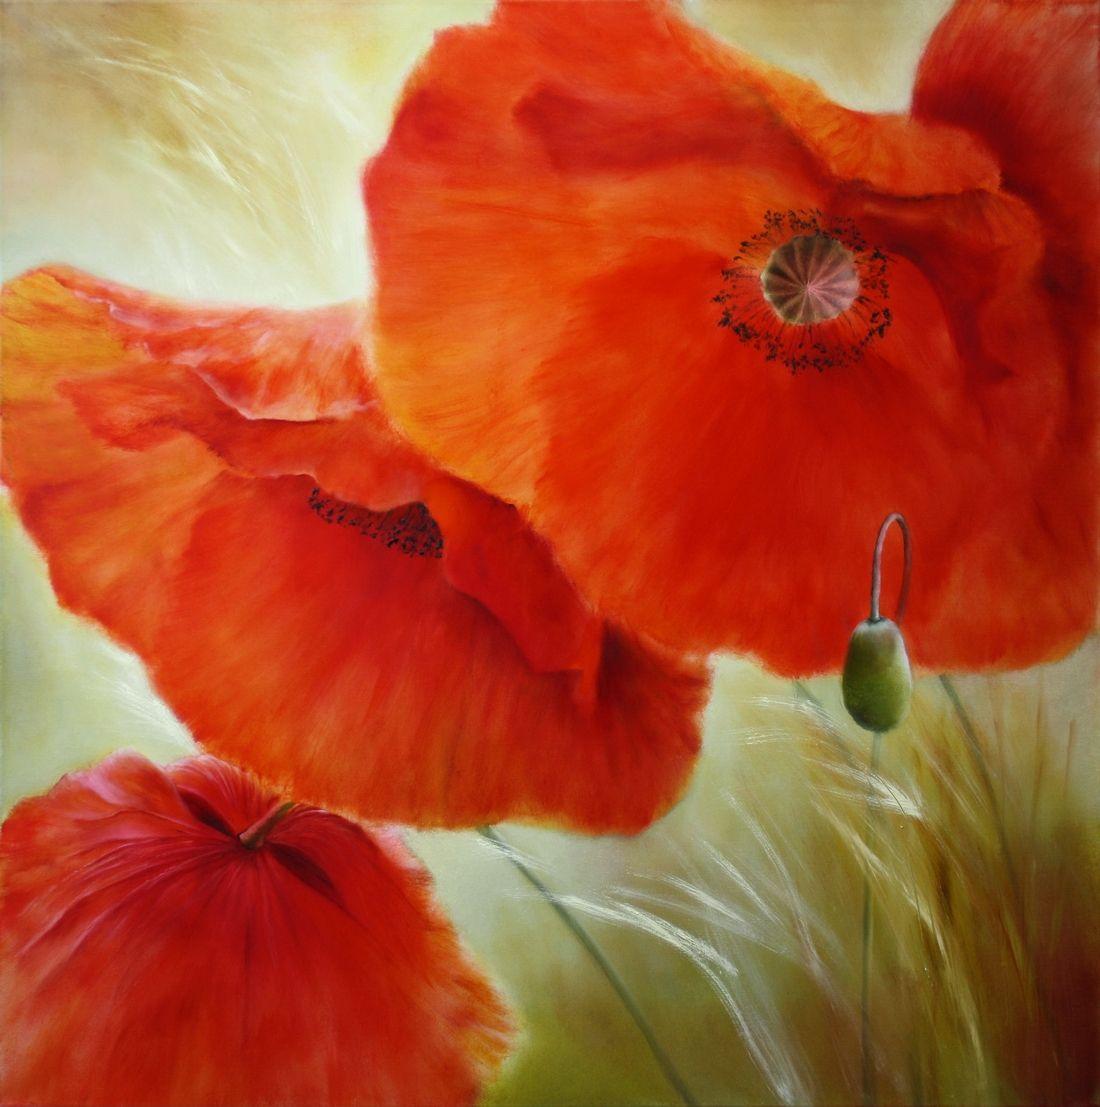 Grosse Abstrakte Malerei Original Ol Leinwand Kunst Mohnblumen Wand Kunst Acrylic Painting Flowers Poppy Painting Flower Painting